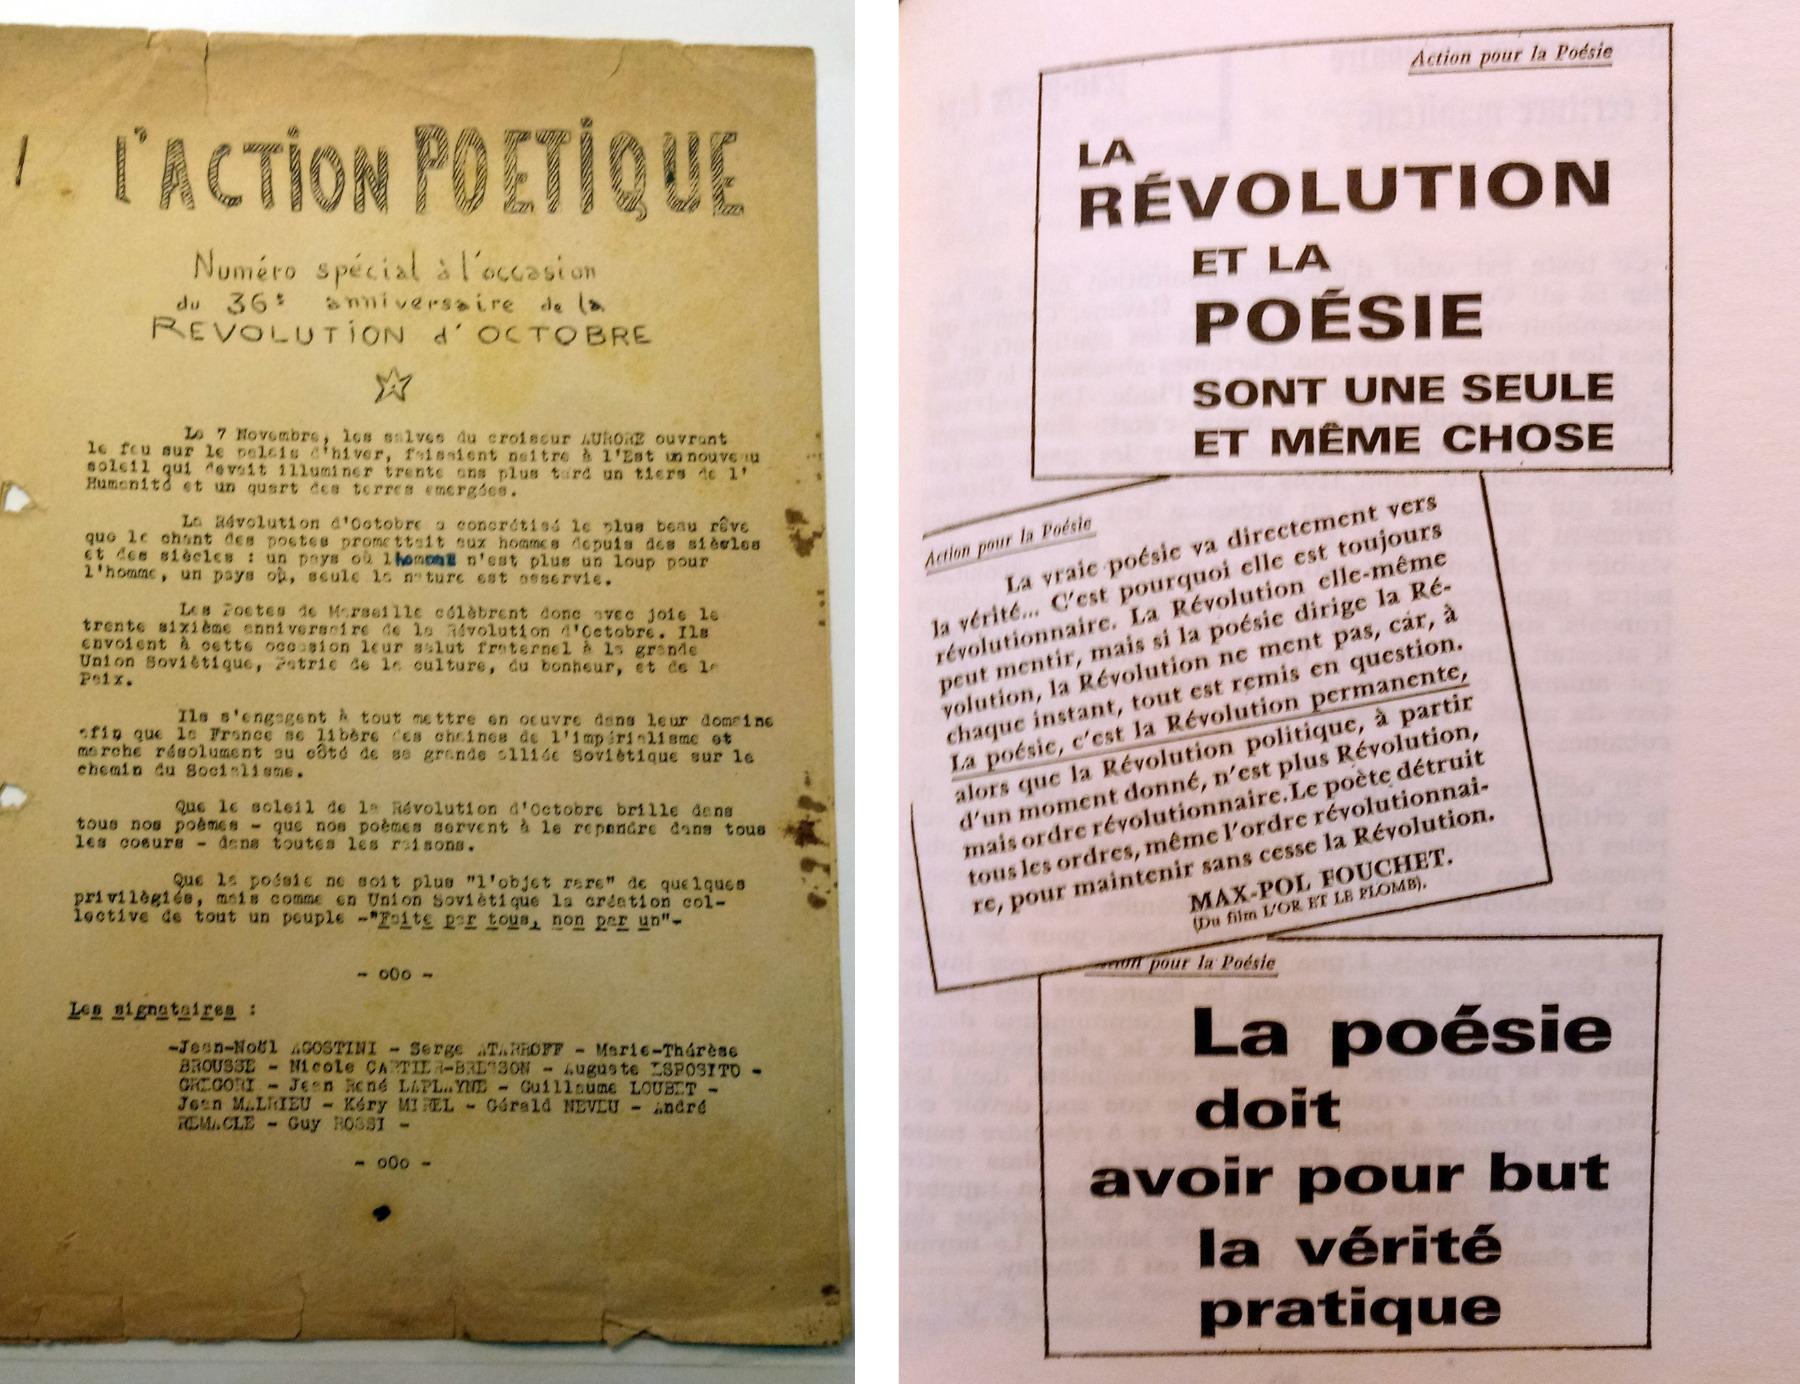 Страницы выпусков Action poétique 1957 и 1953 годов соответственно